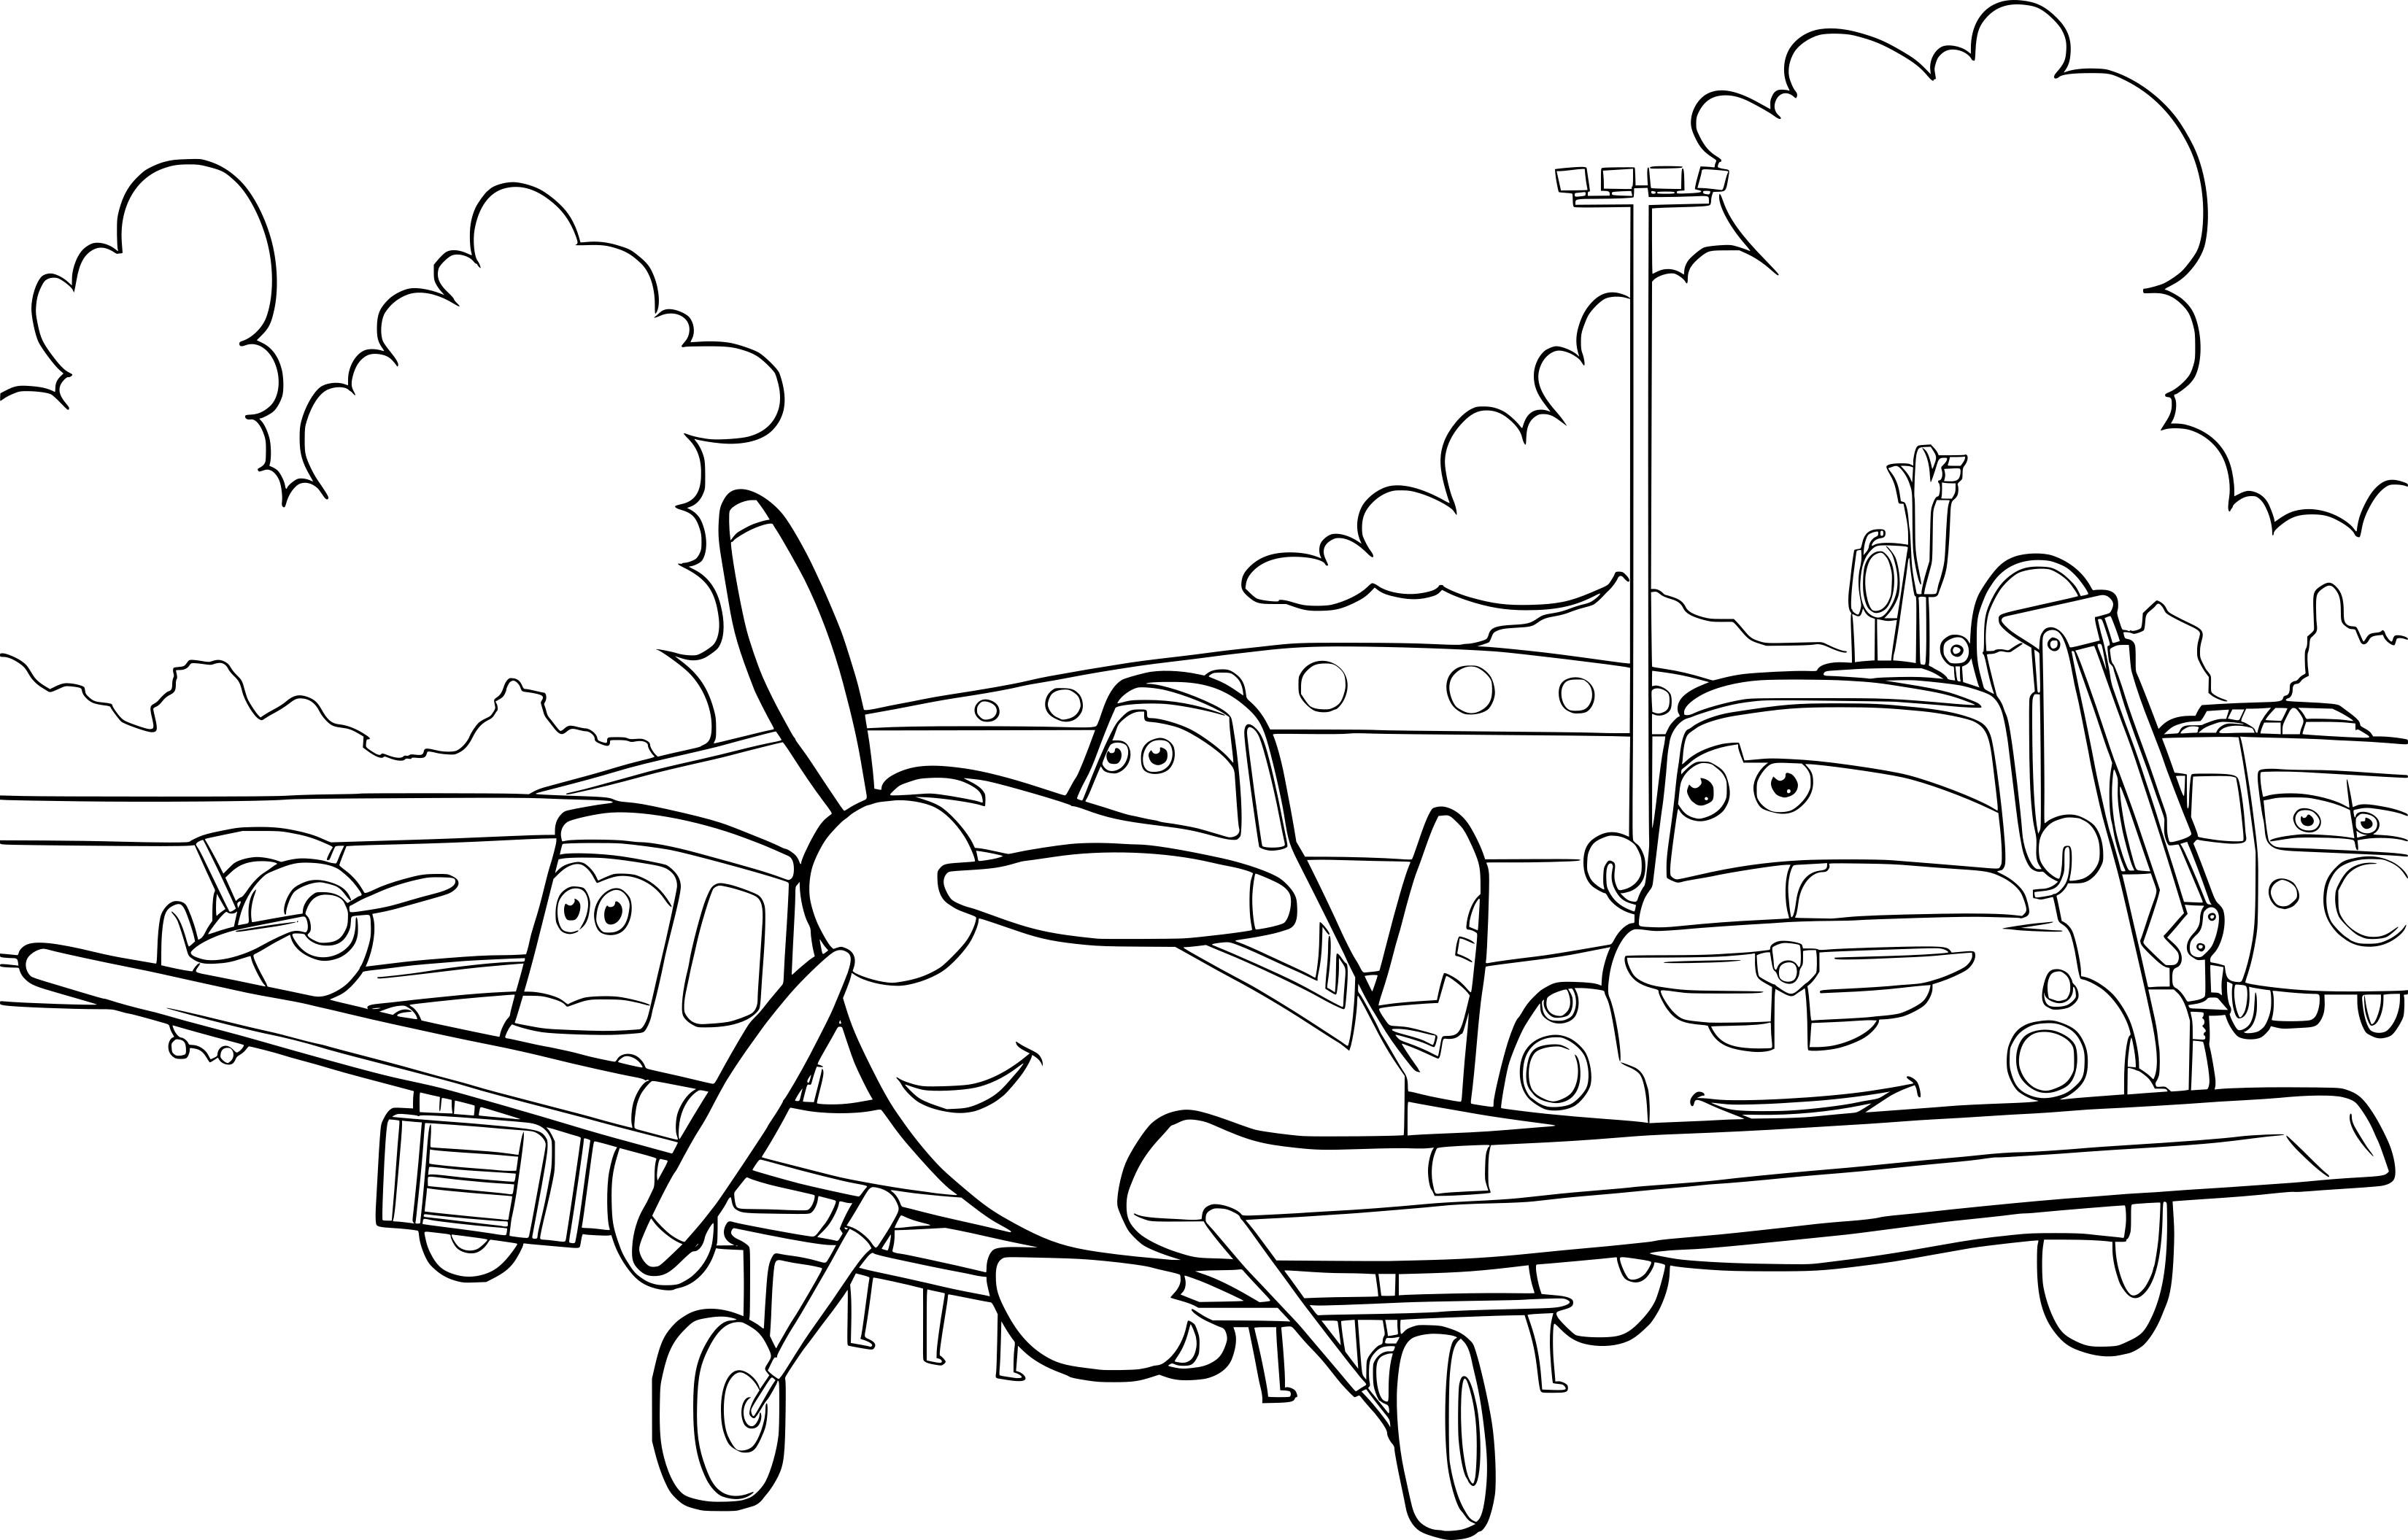 Dessin A Colorier Planes - Dessin et Coloriage